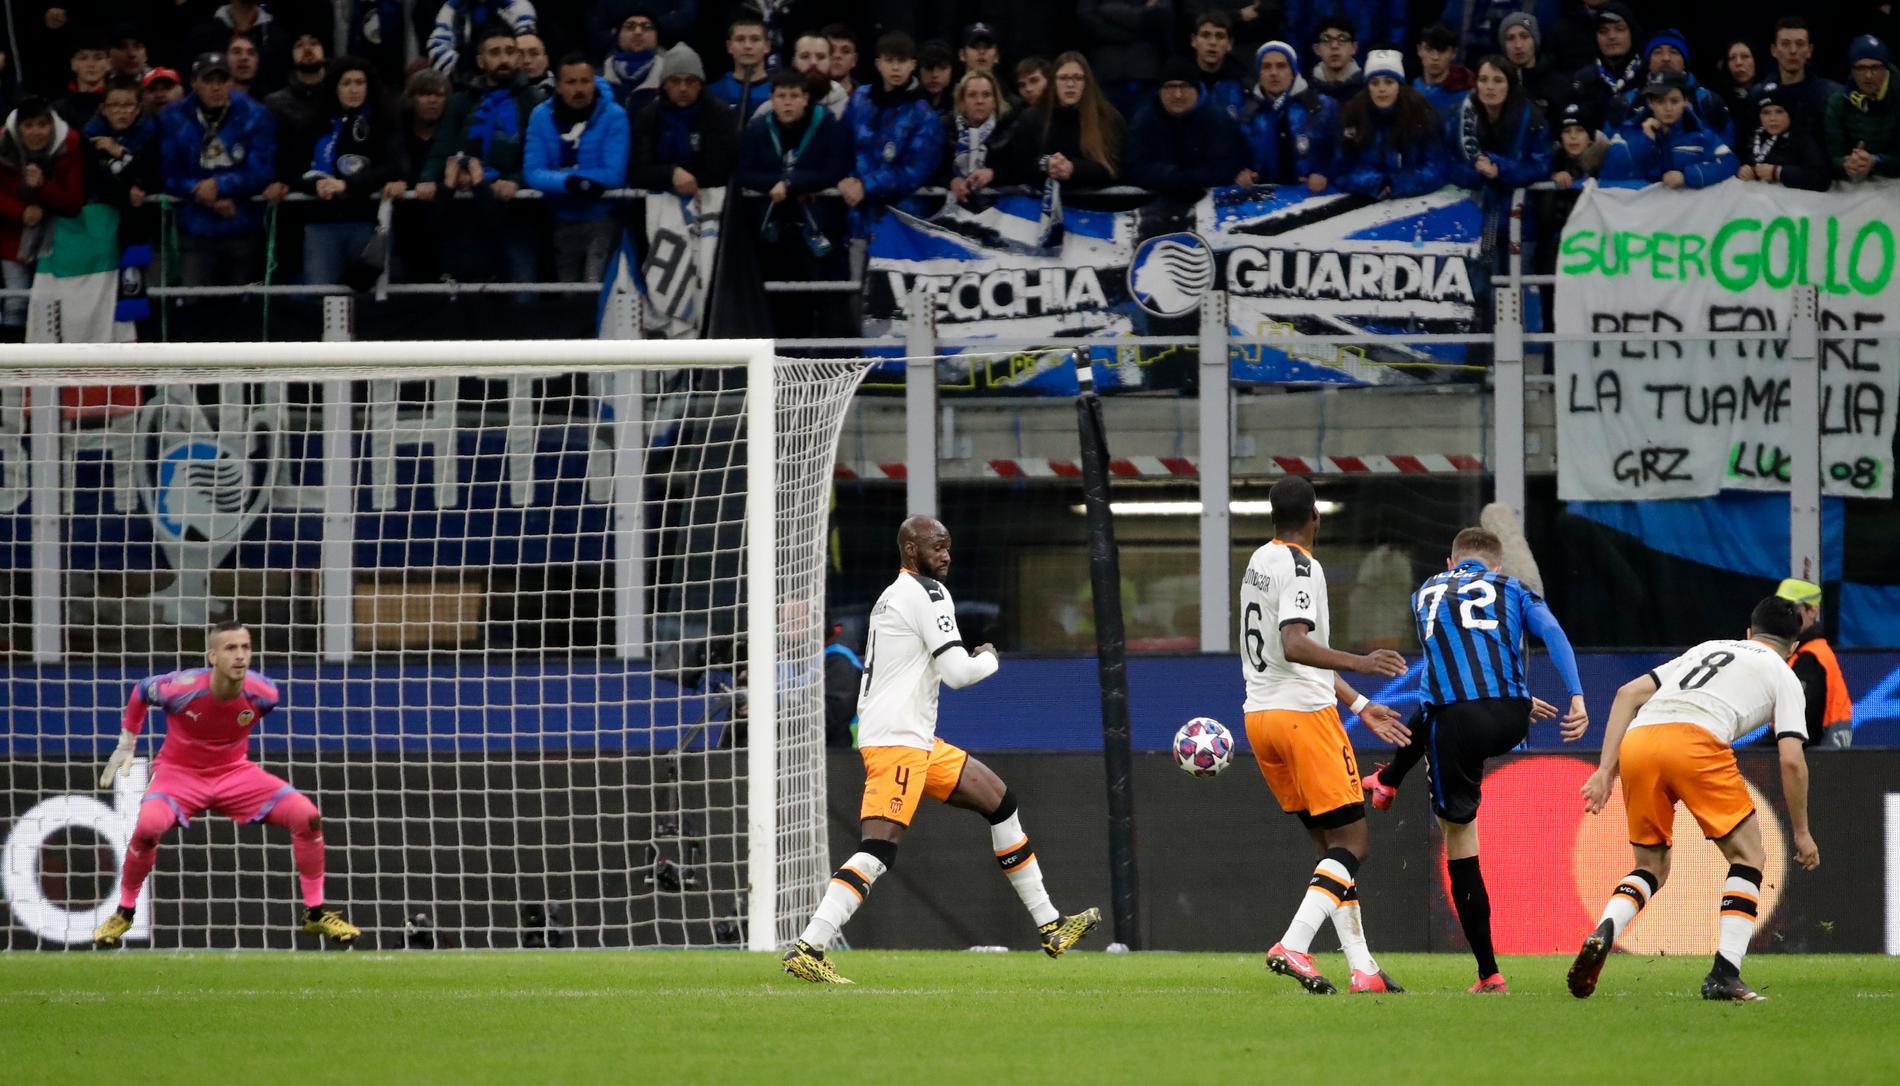 Atalantas Ilicic satte matchens andra mål med ett skott.